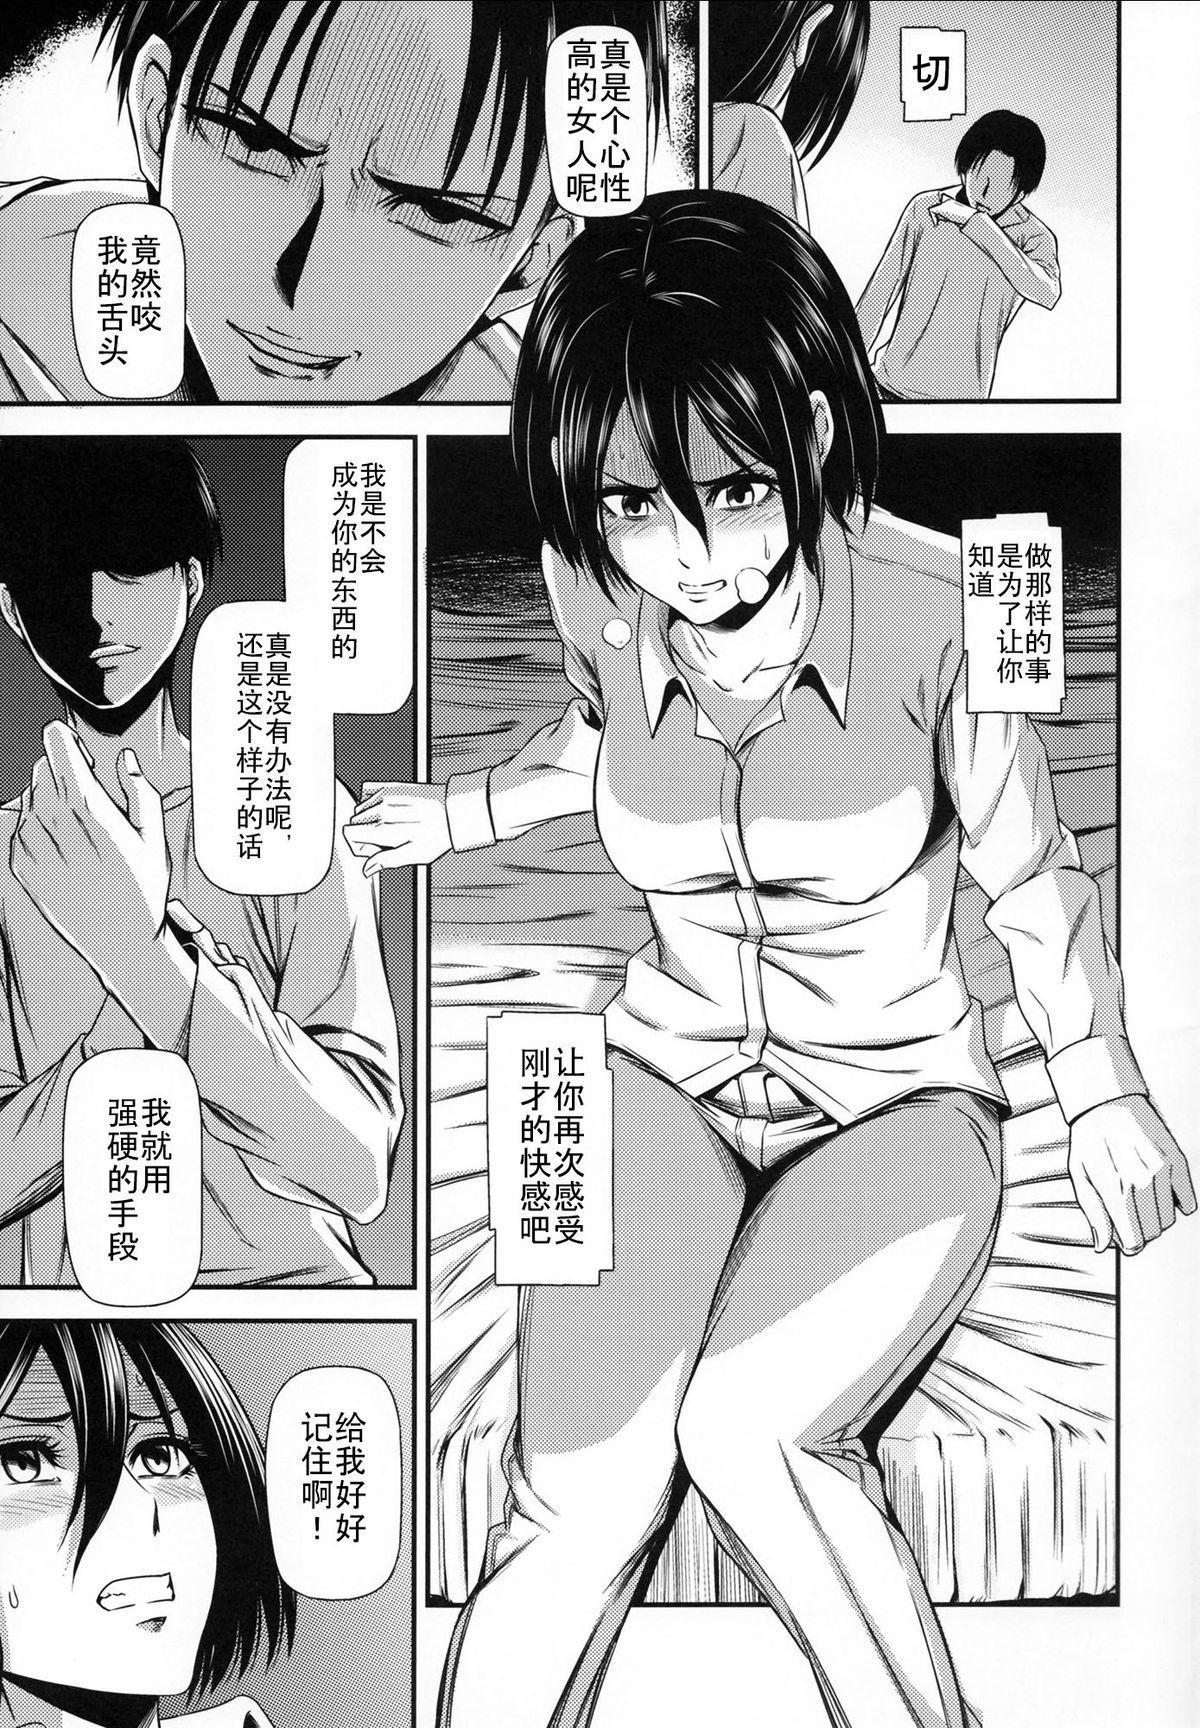 Gekishin San 14